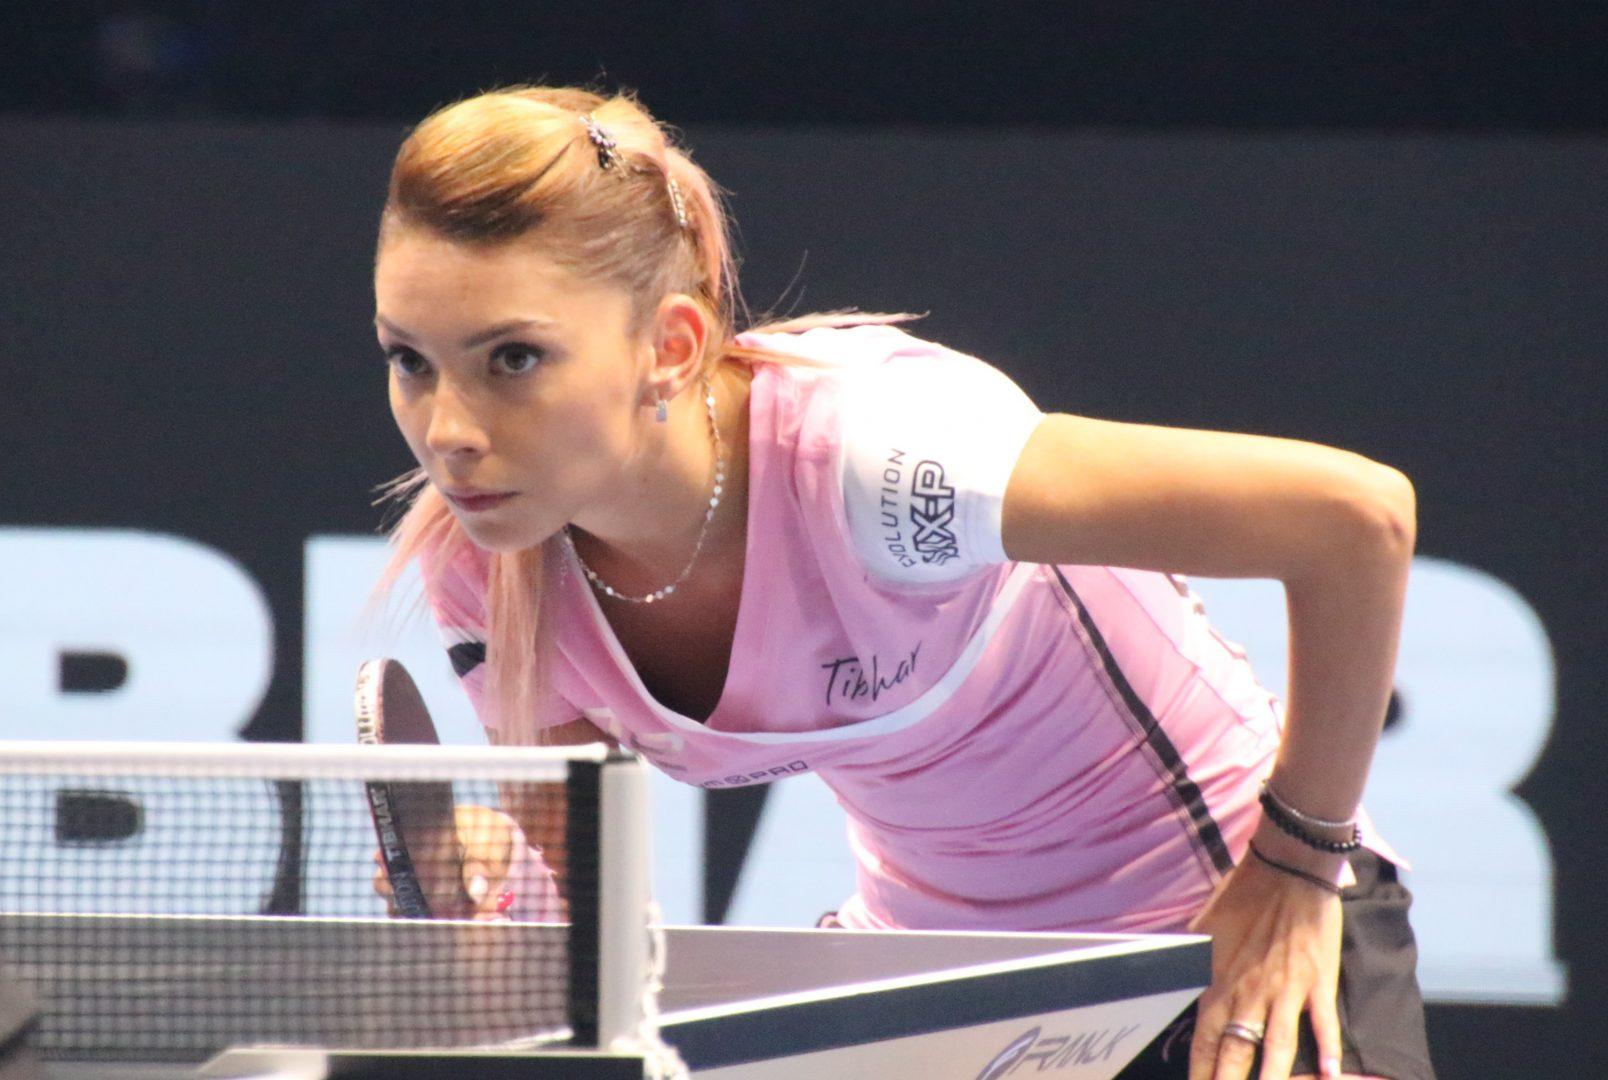 """美女卓球選手・スッチ、ピンク色ラバーを初お披露目 """"可愛い""""と話題に"""